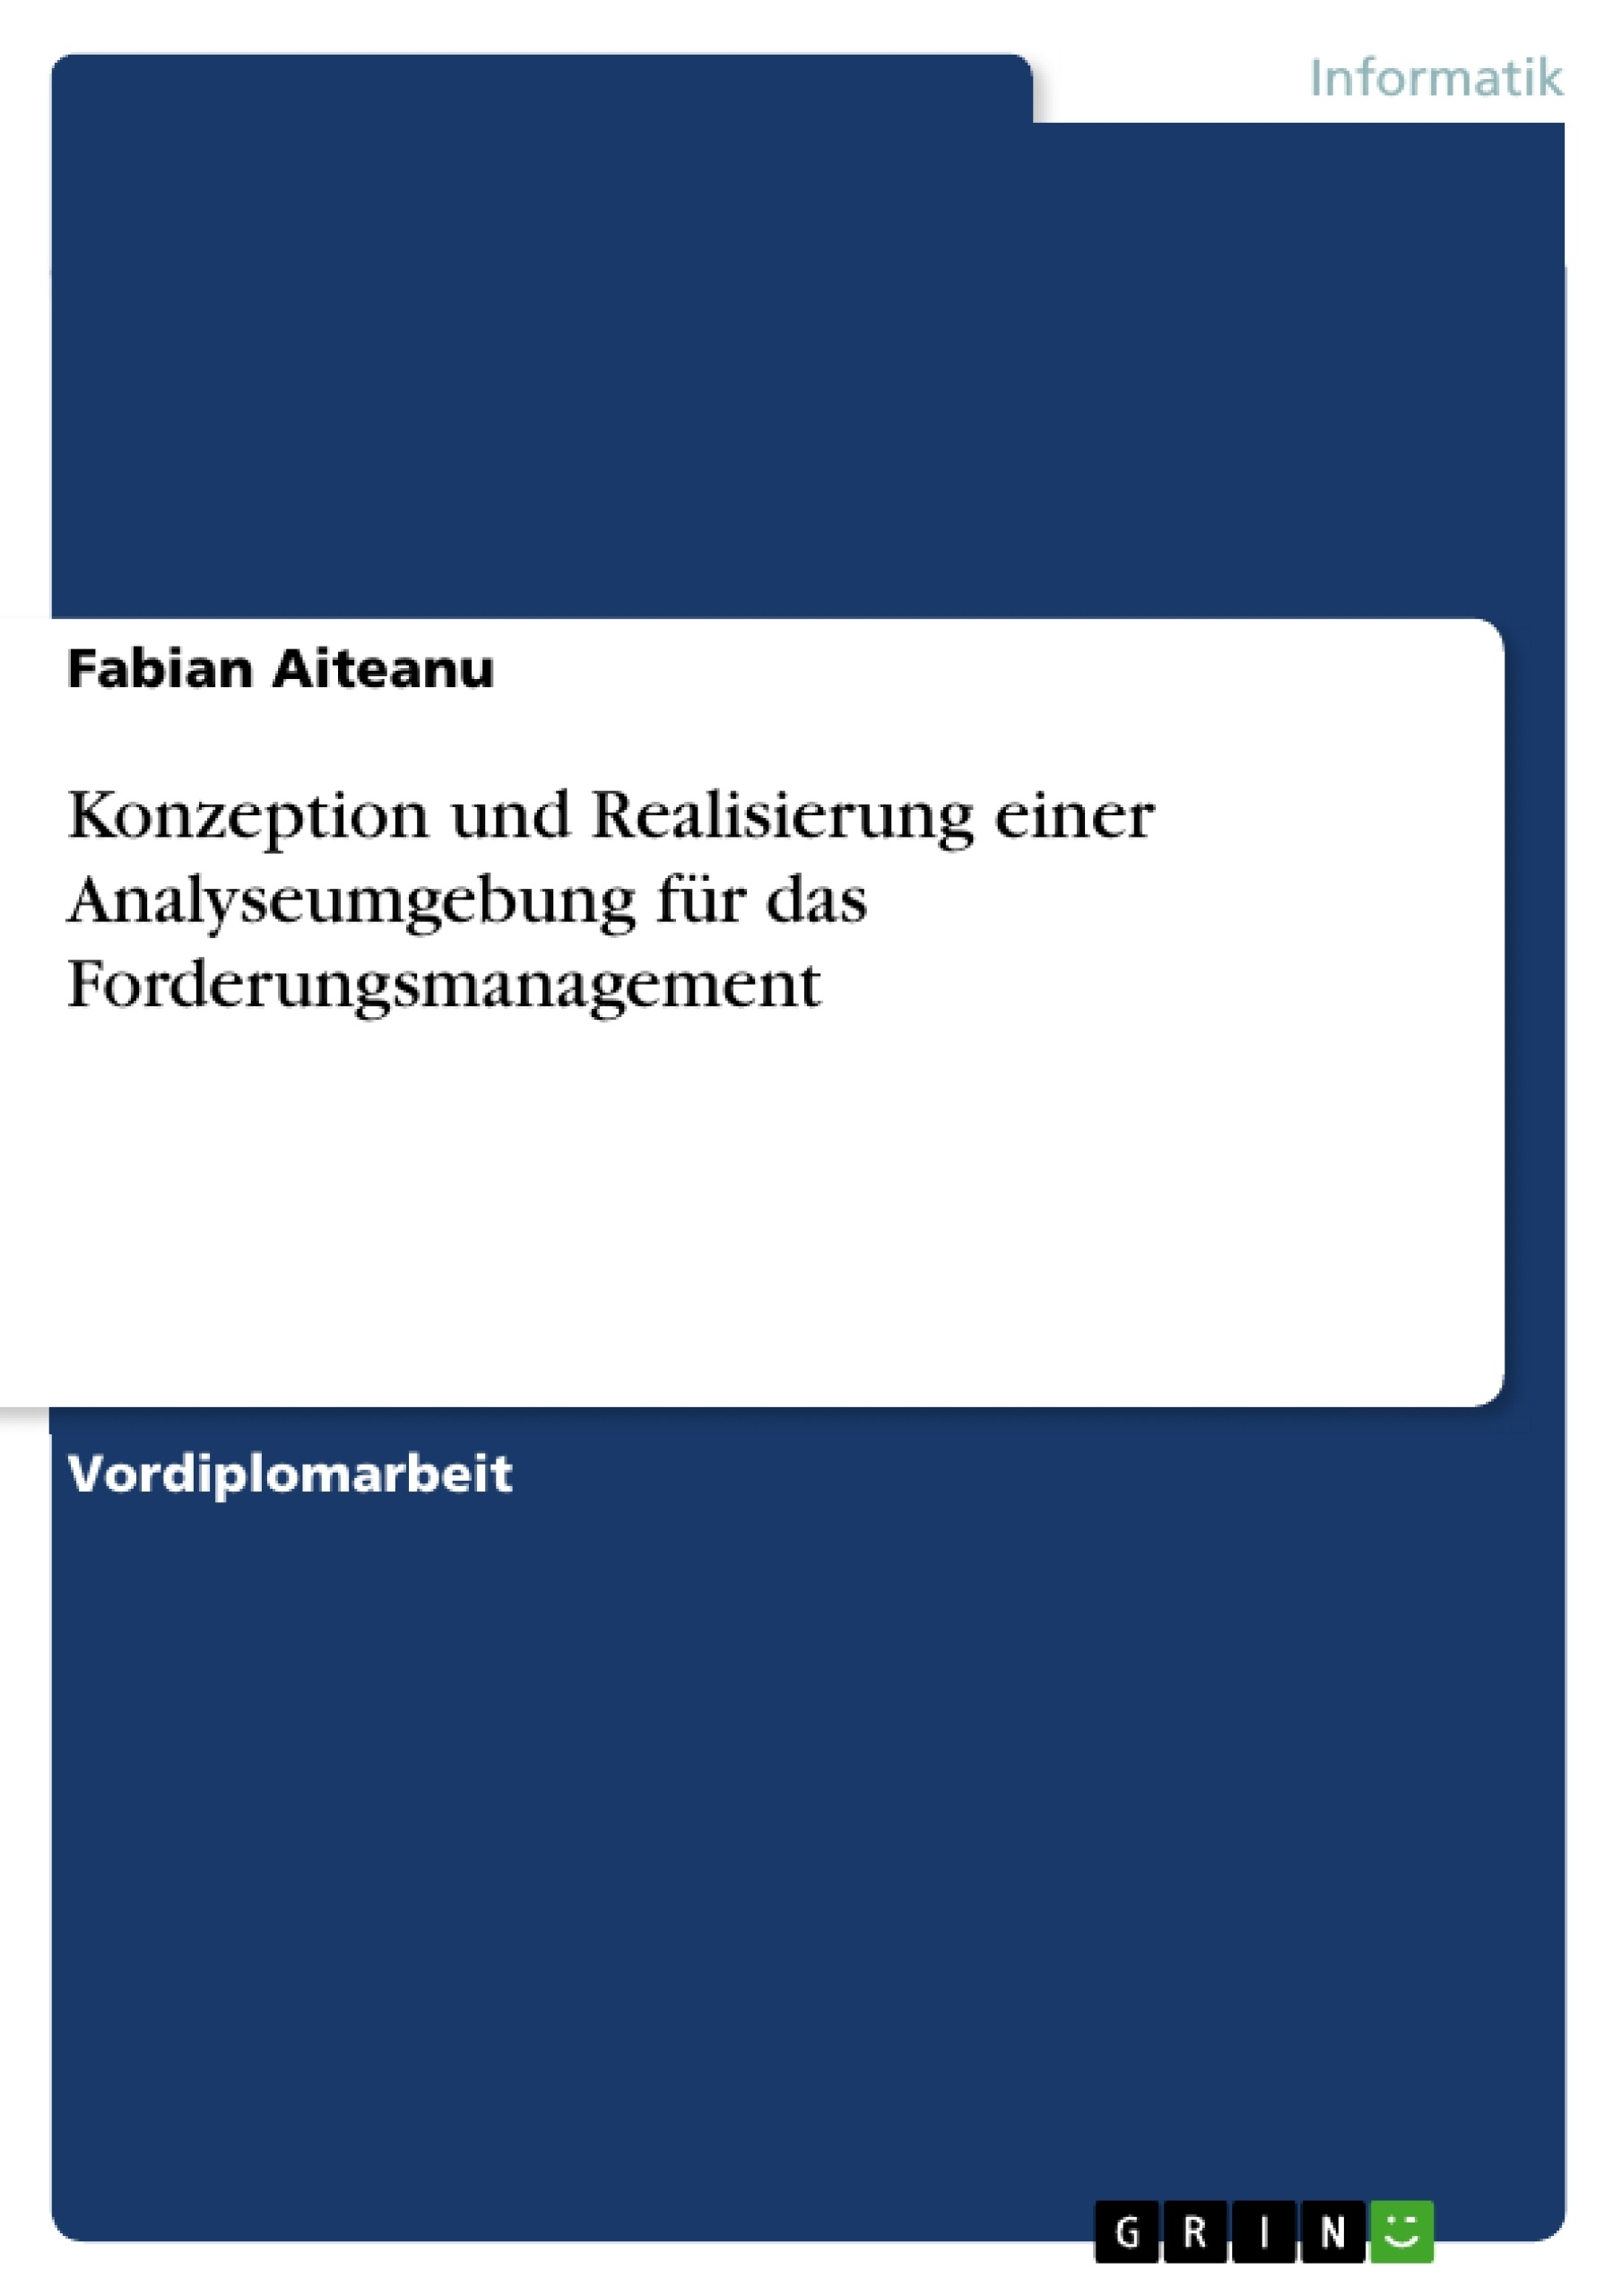 Titel: Konzeption und Realisierung einer Analyseumgebung für das Forderungsmanagement